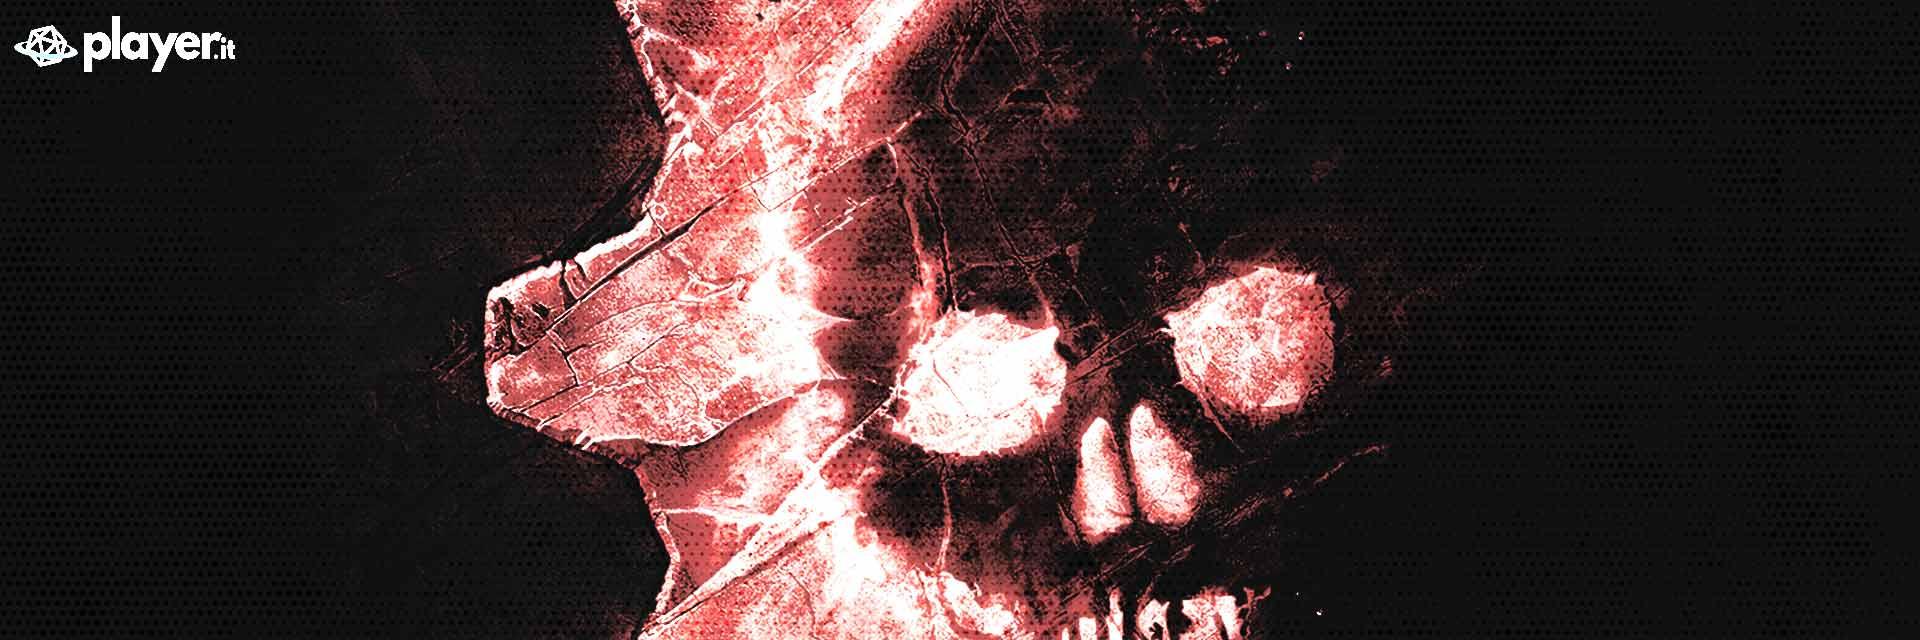 gears 5 wallpaper HD